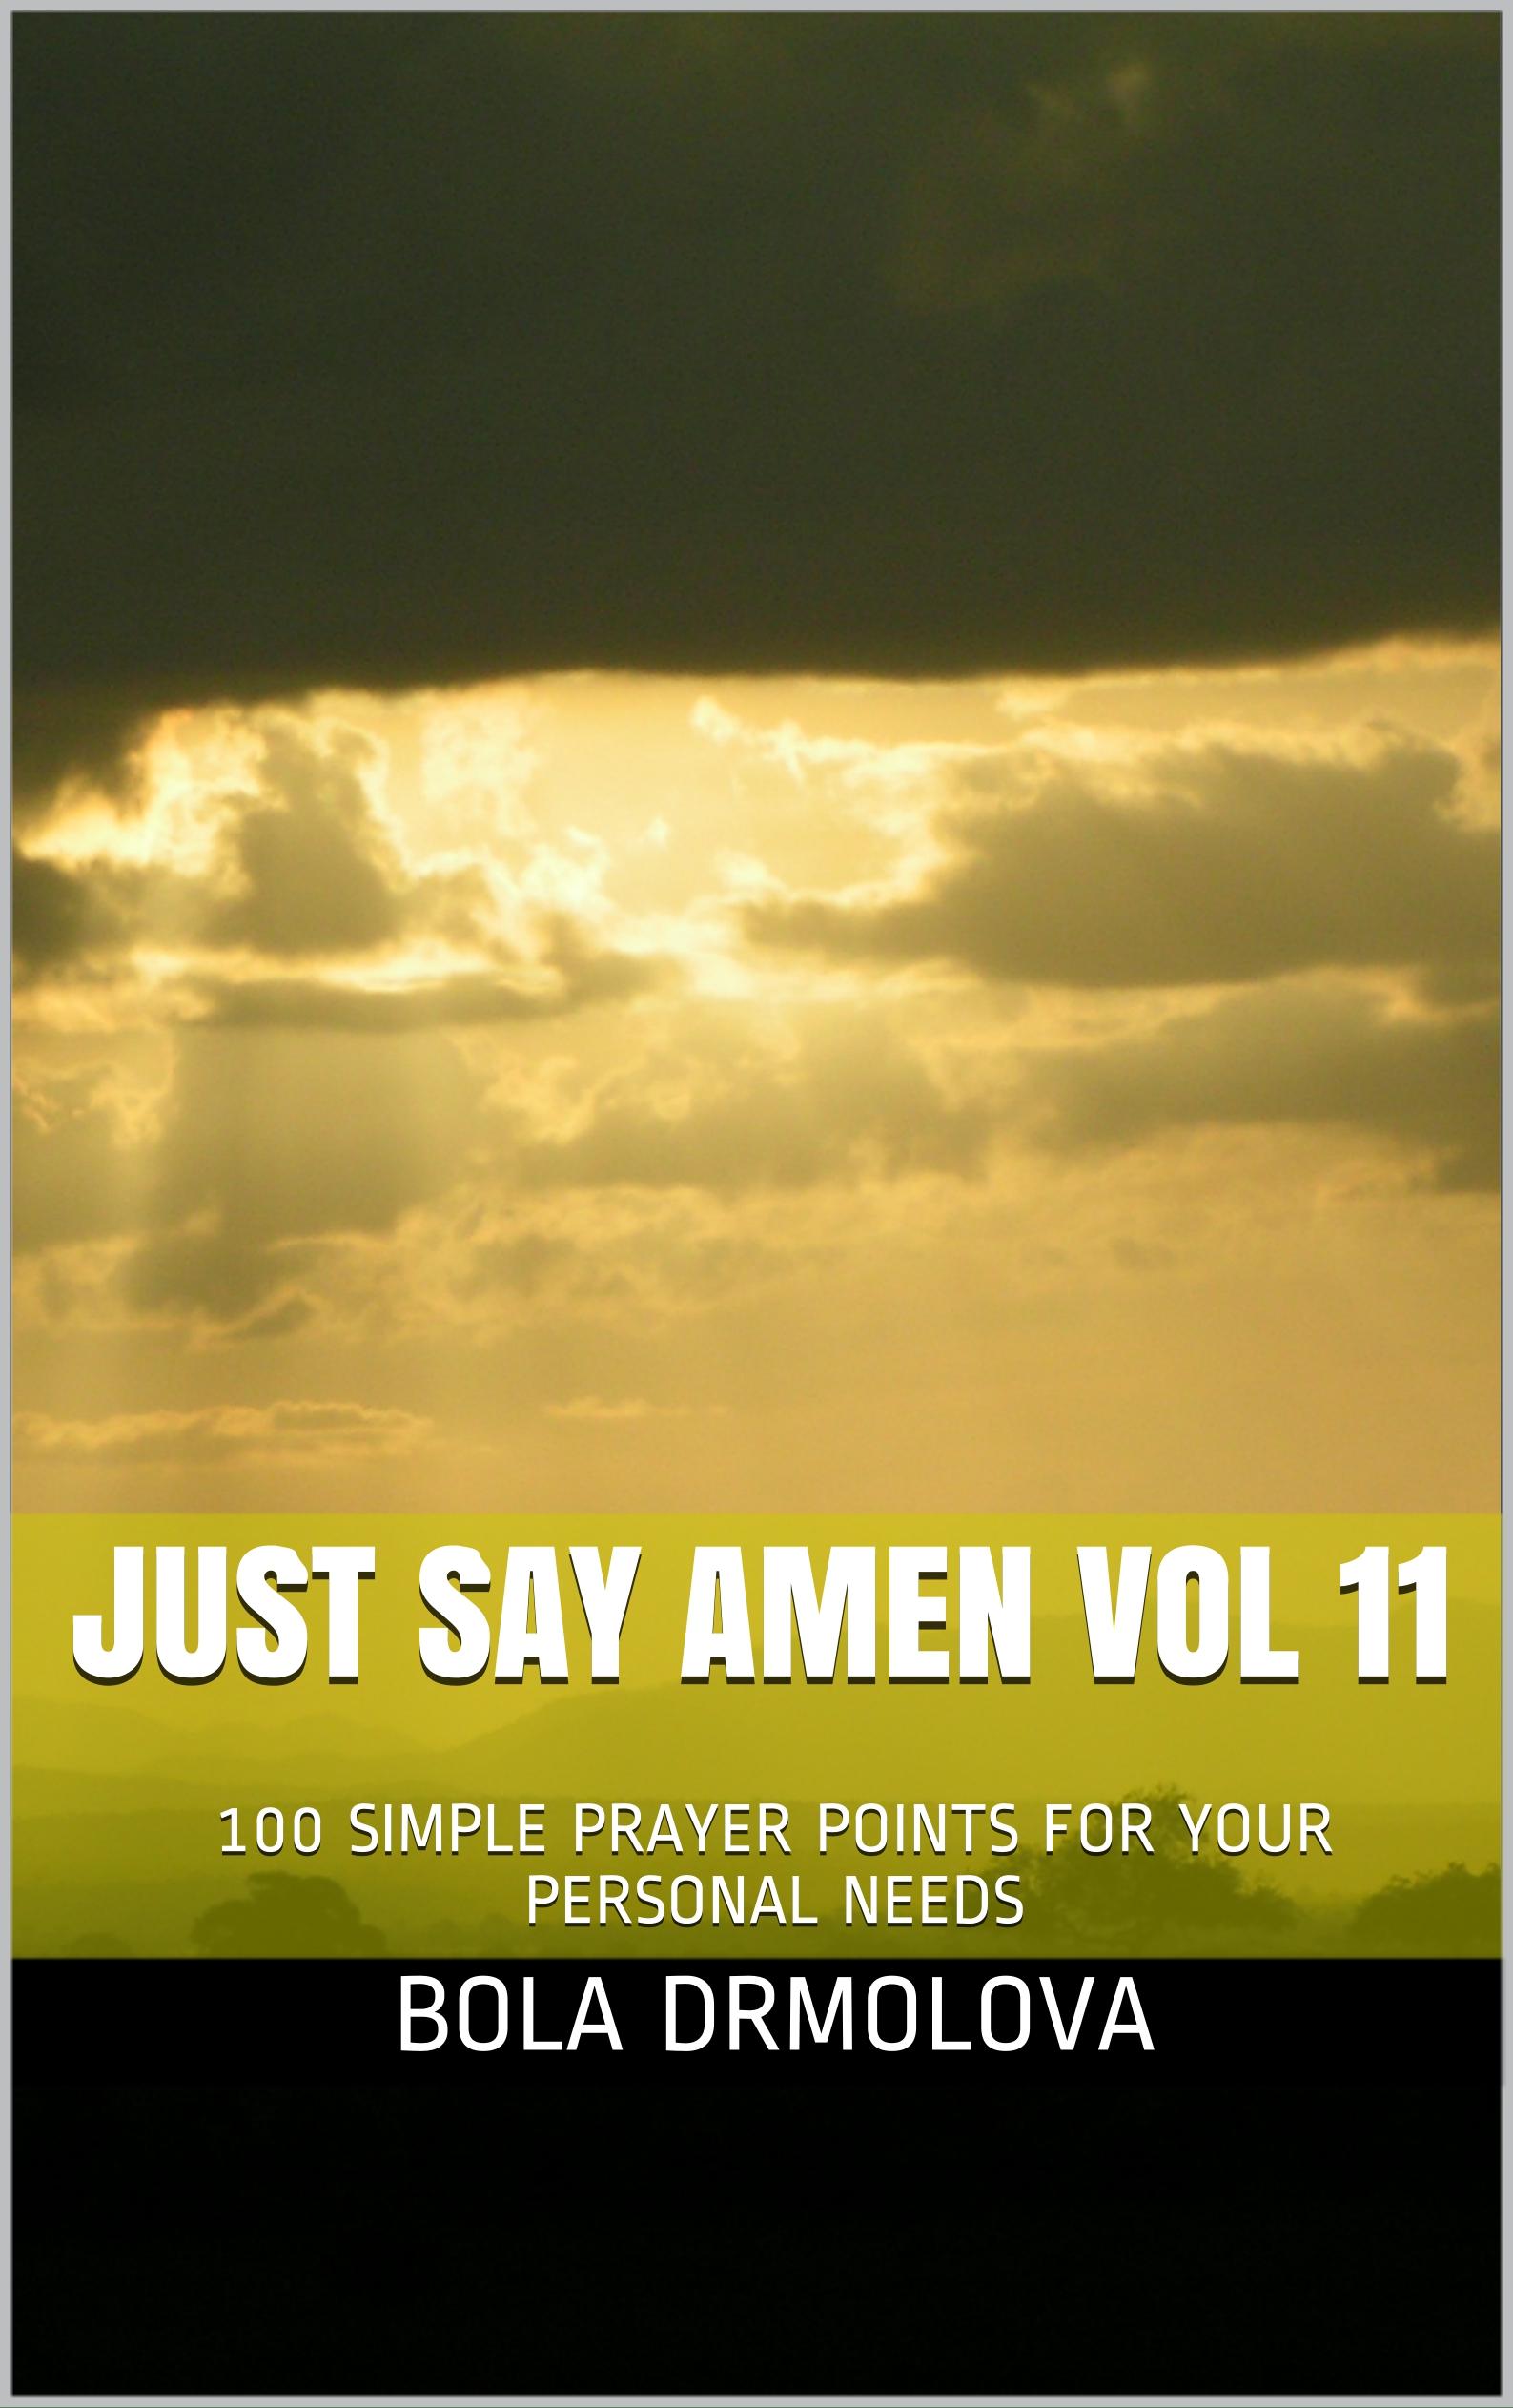 Simple prayers to say